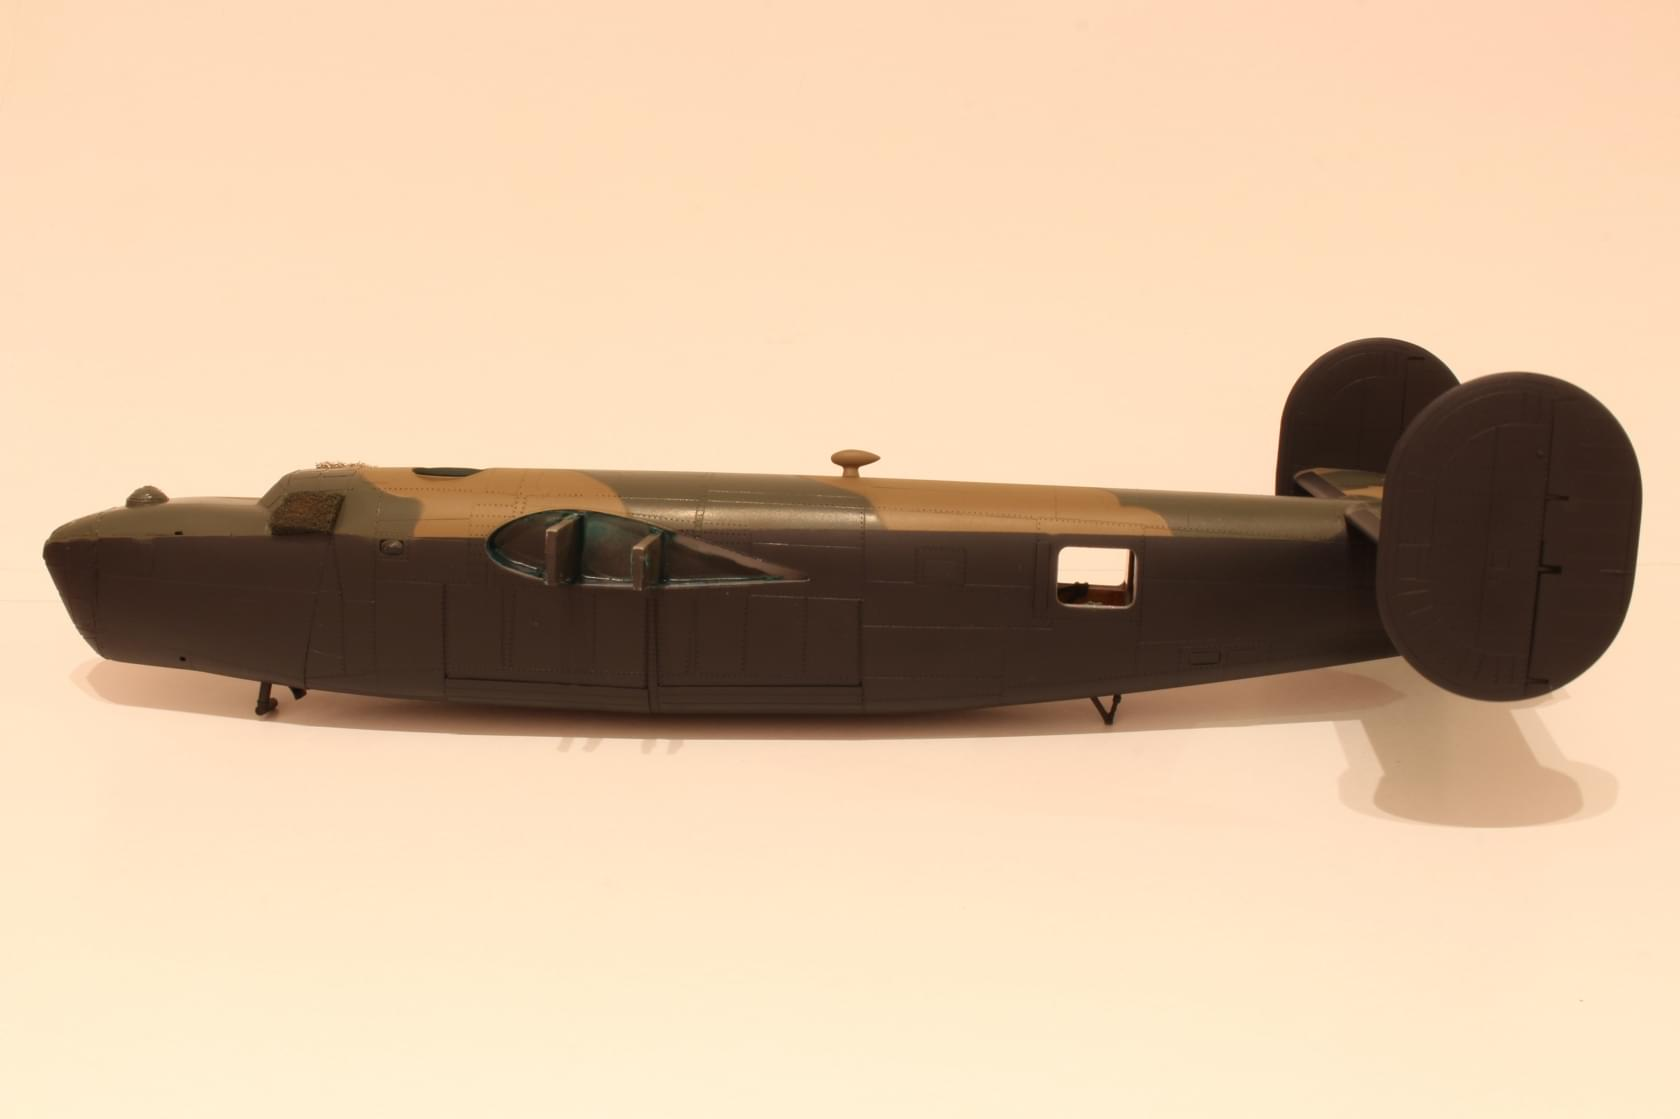 Liberator MK.VI - Hasegawa B-24J 1/72 5c5aa5d67b64303c